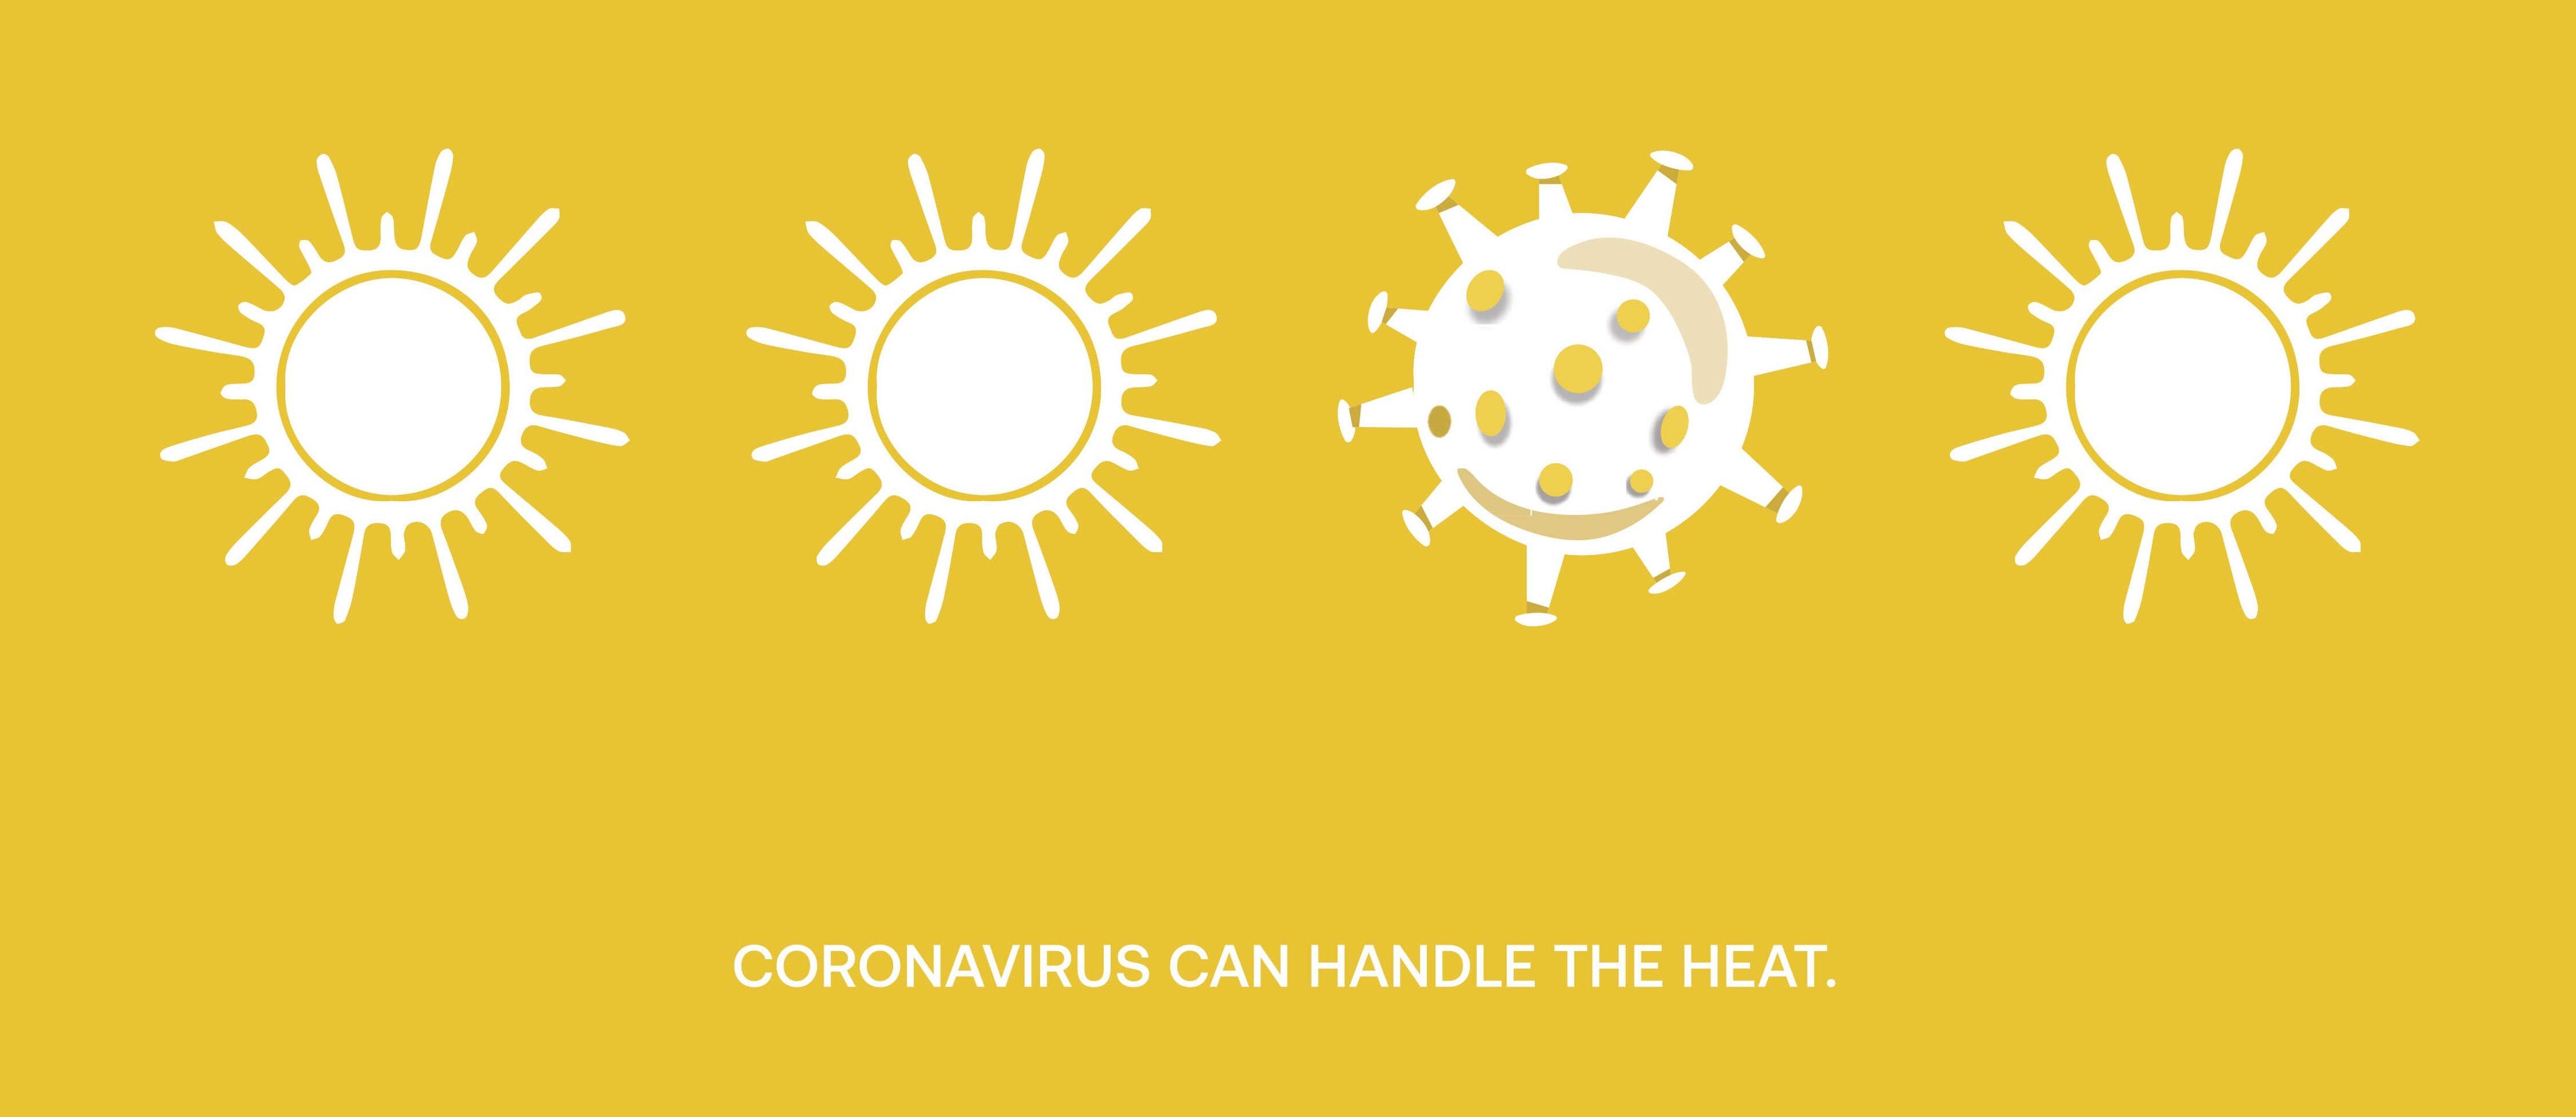 新型コロナウイルス感染症の院内感染防止対策について